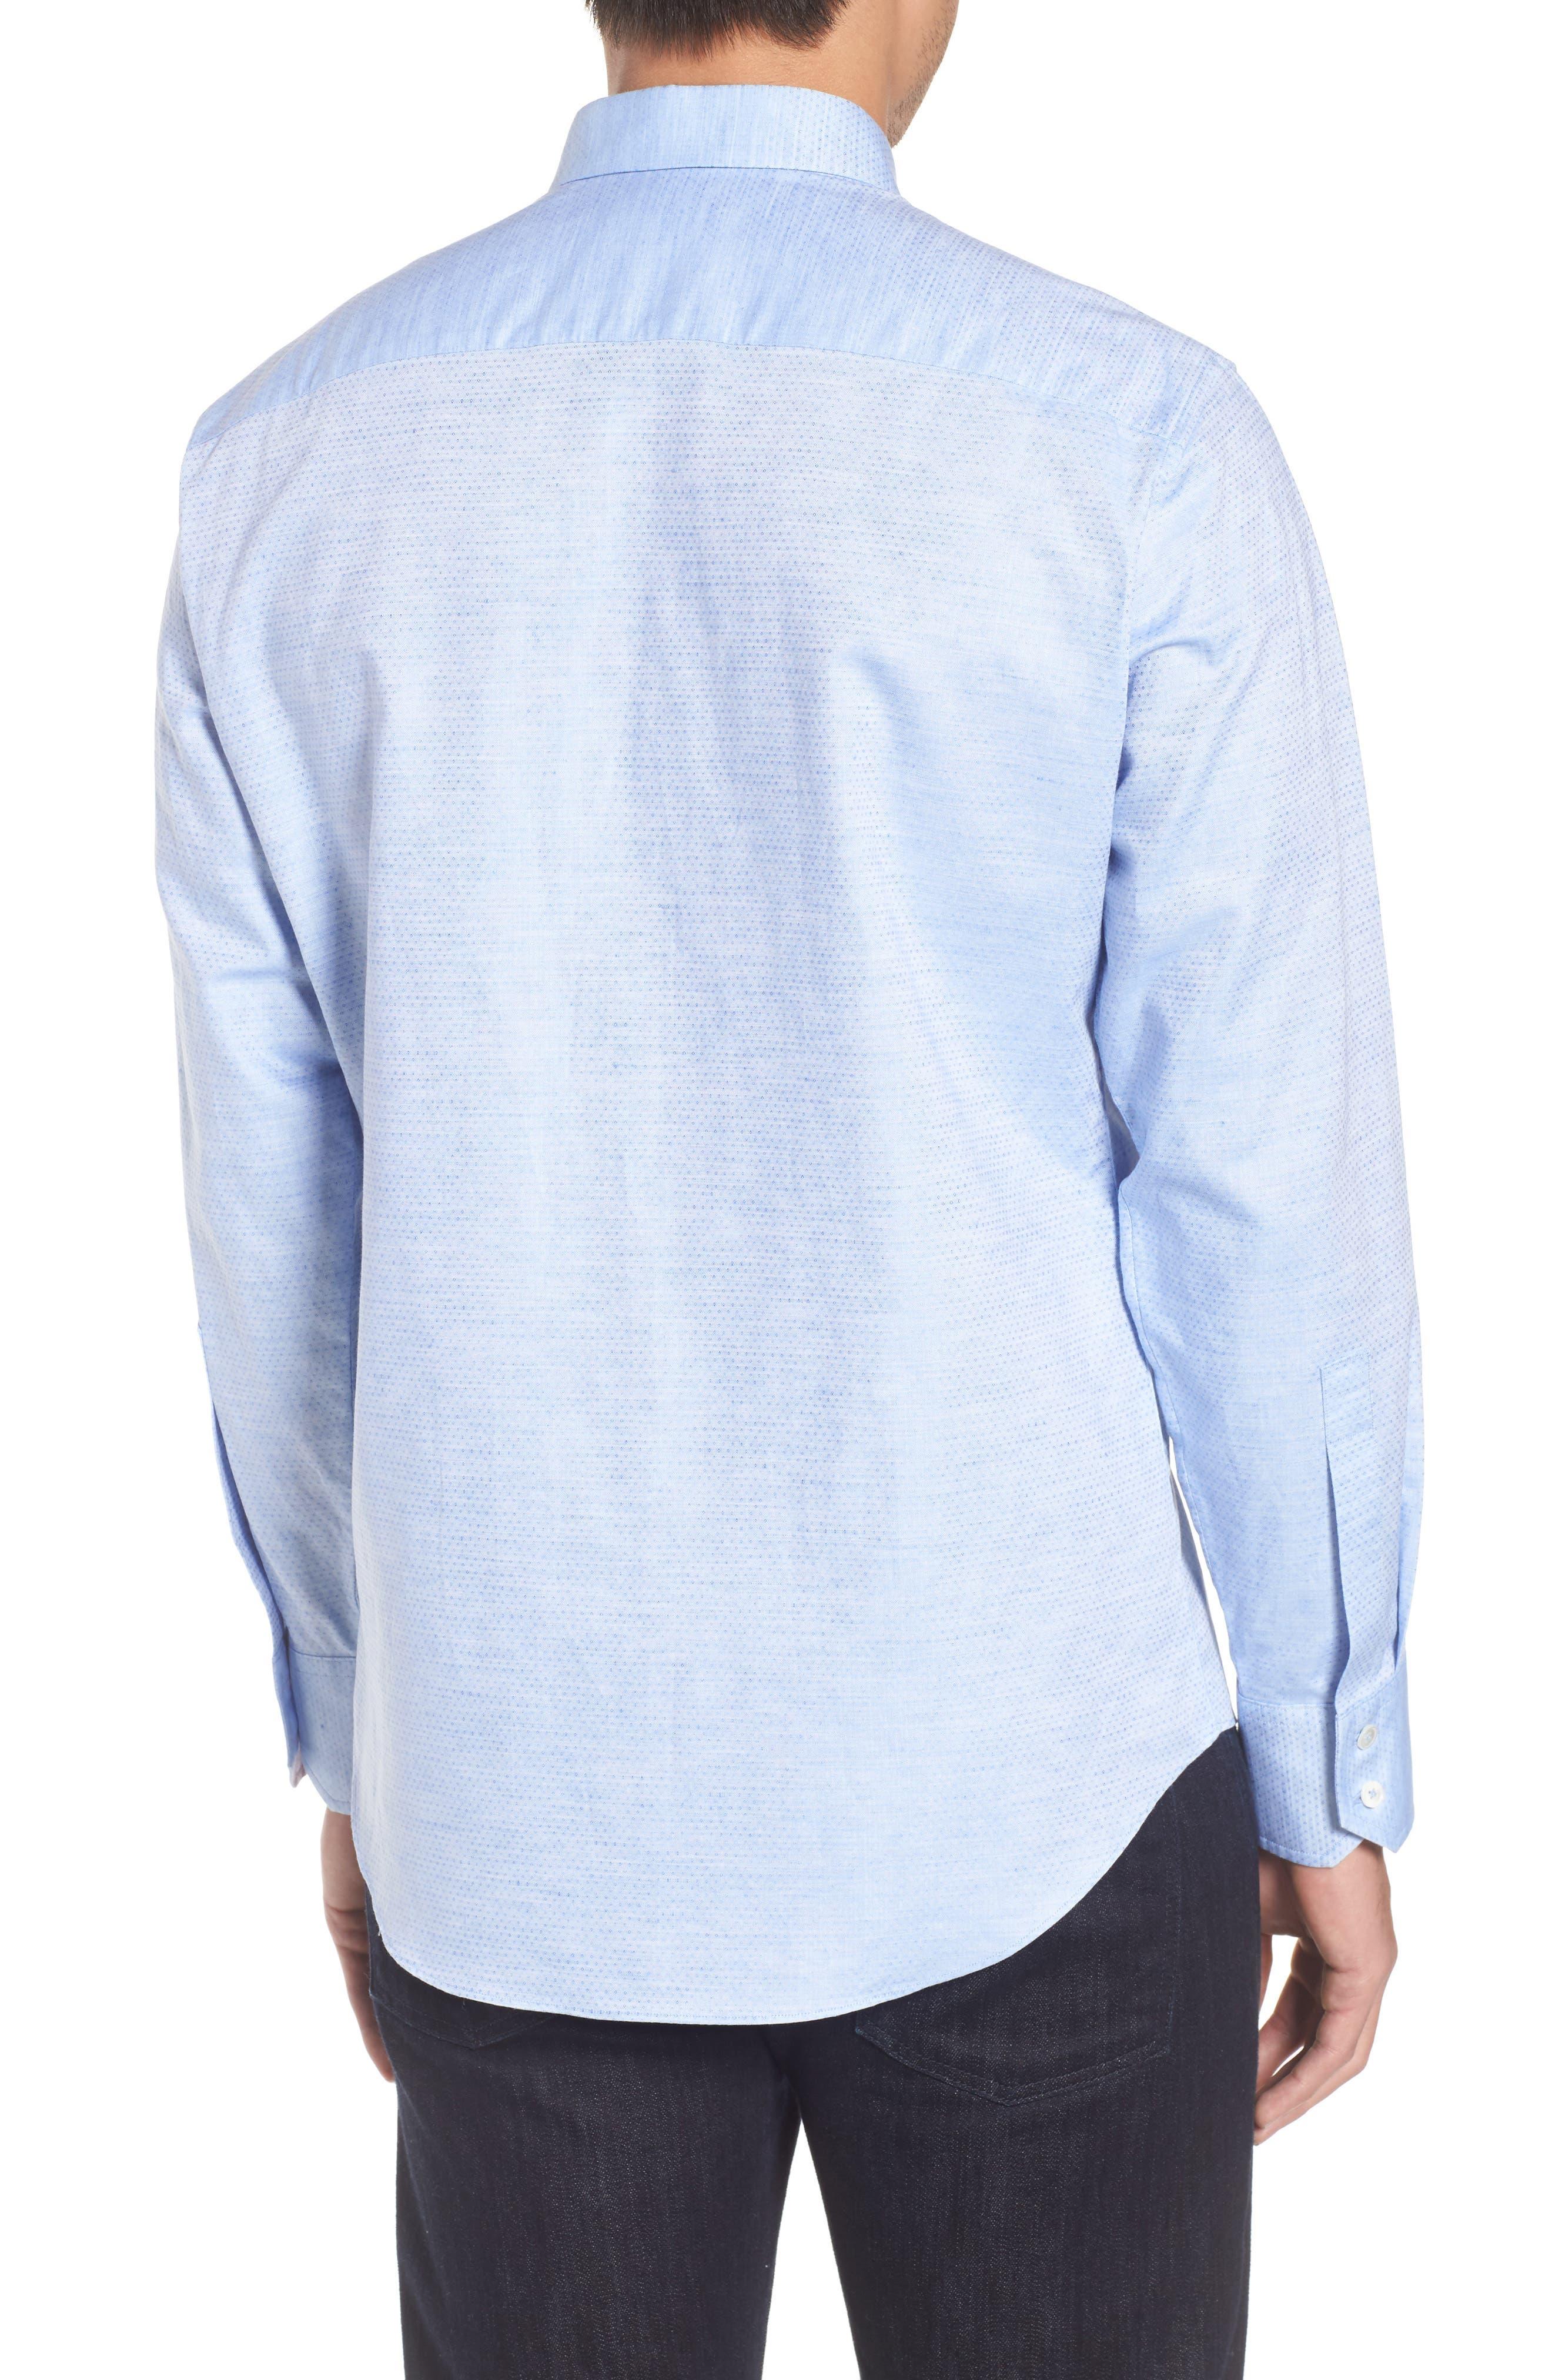 Gomis Regular Fit Dobby Sport Shirt,                             Alternate thumbnail 2, color,                             450